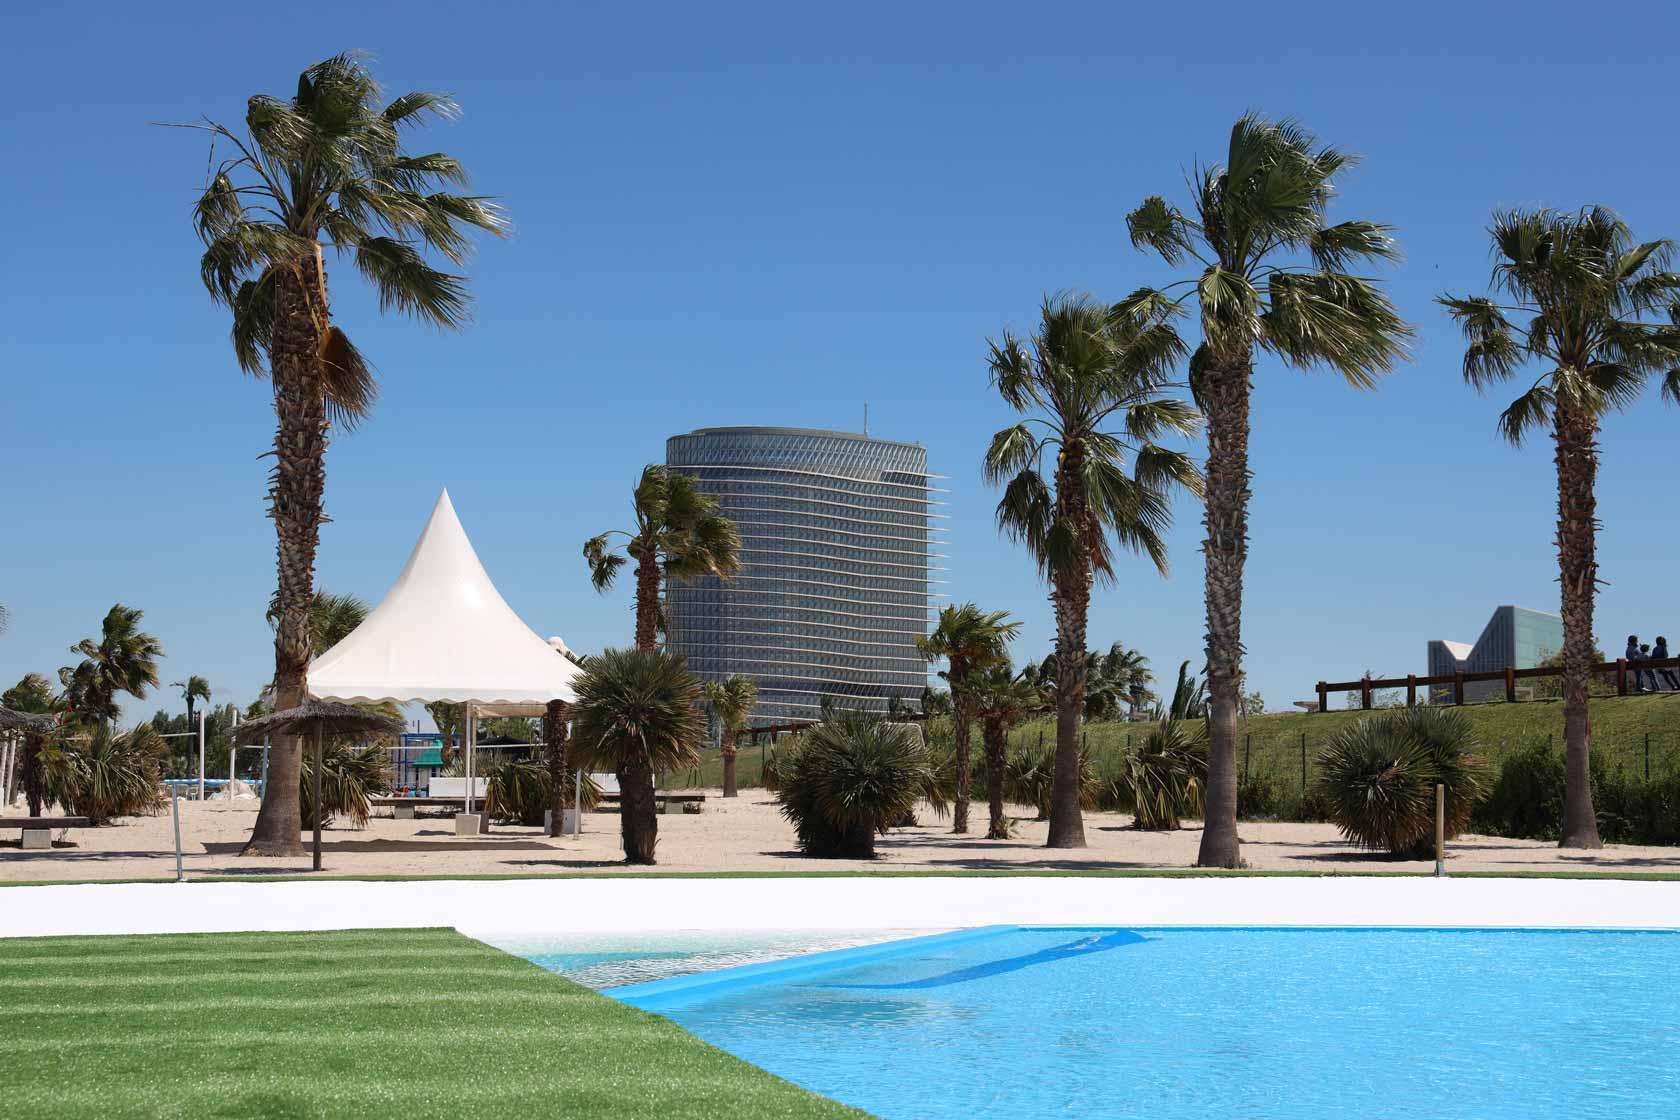 Disfruta de un día de playa sin salir de Zaragoza